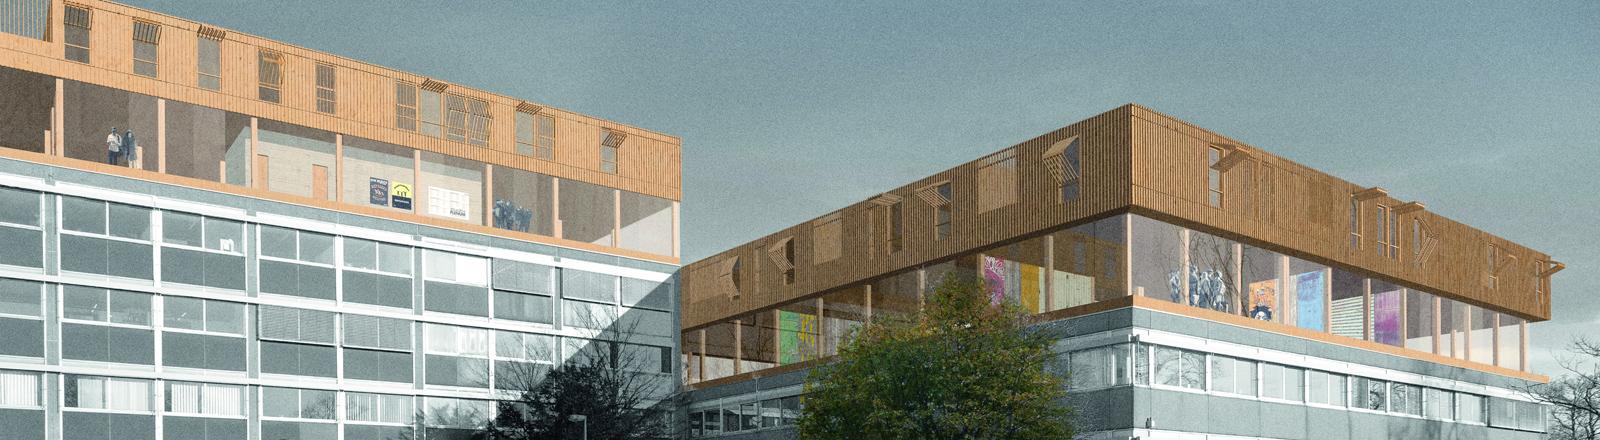 Die Studenten Simon Backemann, Tassilo Gerth und Sinje Westerhaus haben die Idee, auf Flachdachbauten Wohnungen für Flüchtlinge einzurichten.